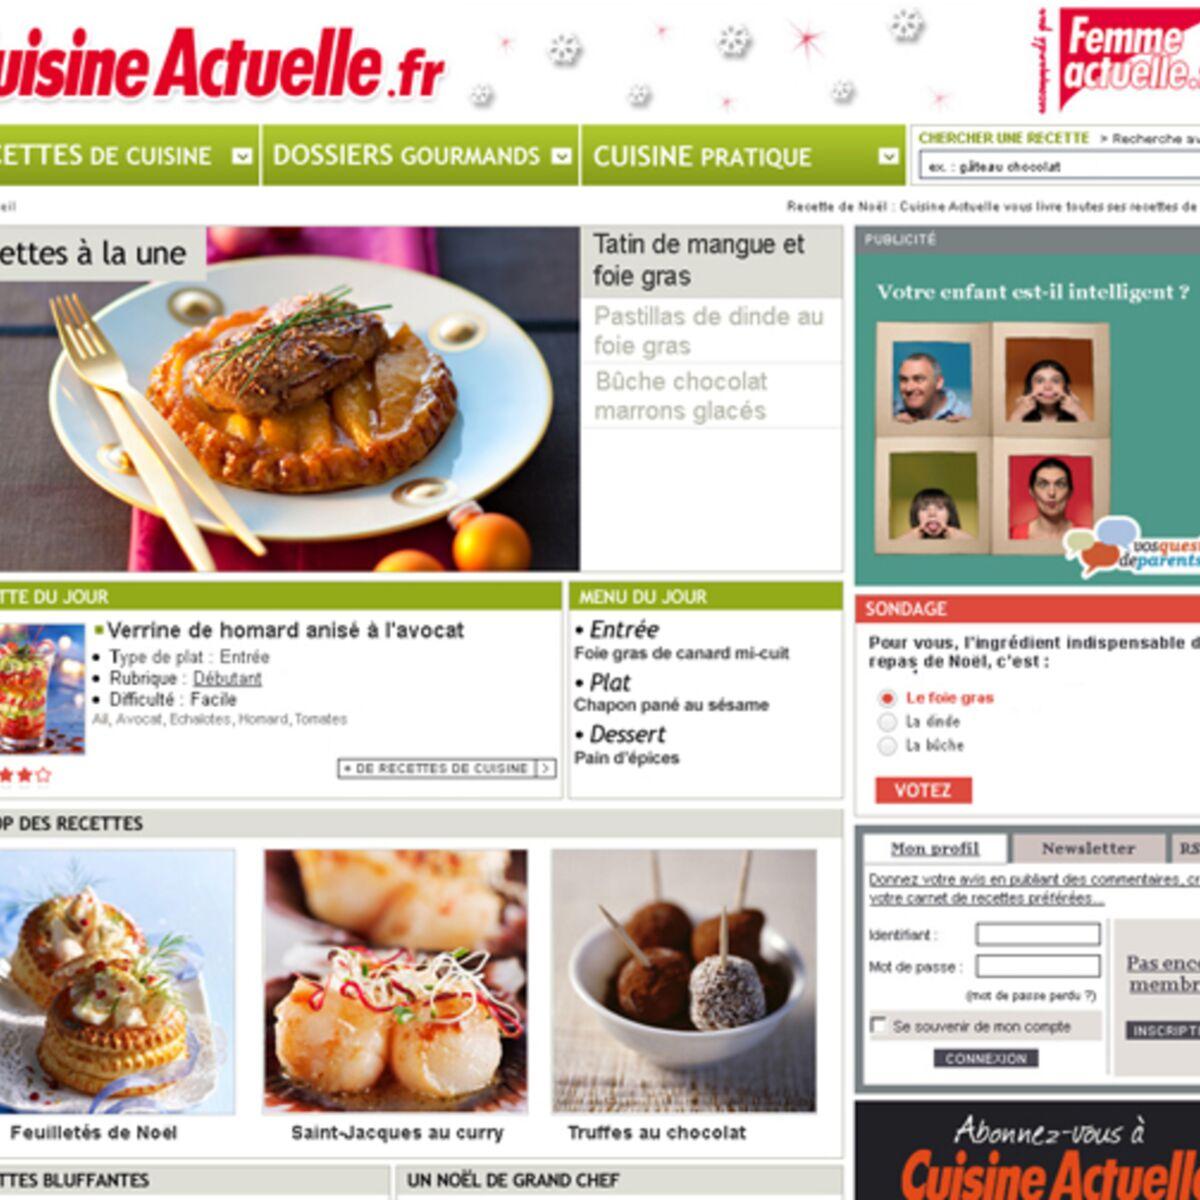 Cuisineactuelle Fr Se Relooke Pour Feter Noel Femme Actuelle